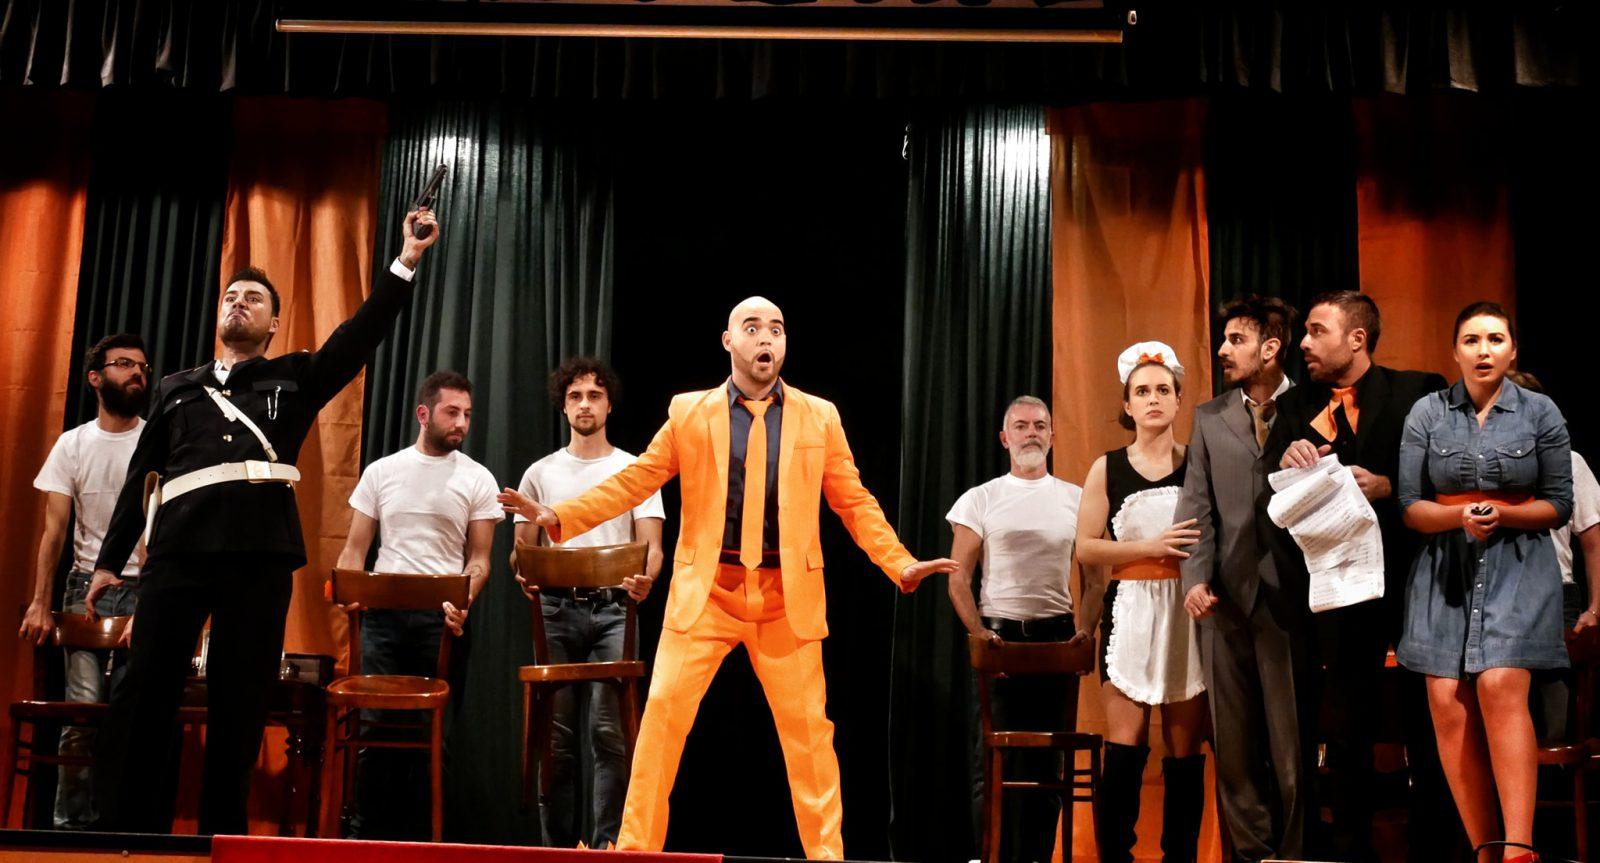 Sul palco soprani, baritoni e alunni: la ricetta funziona